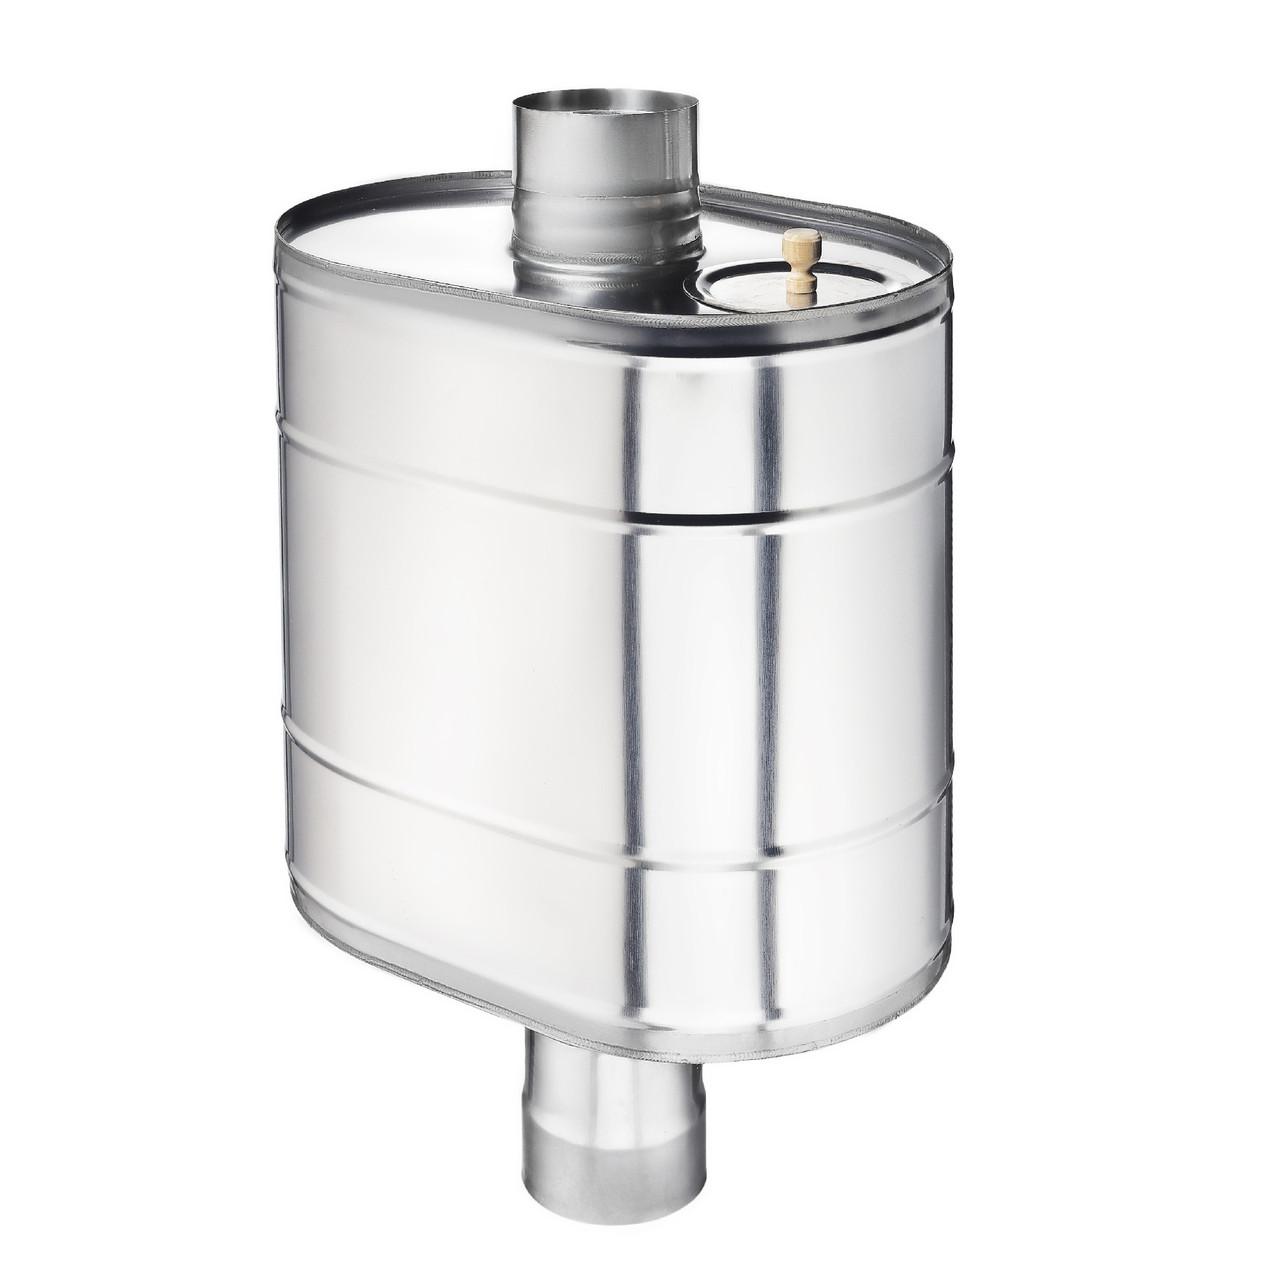 Бак на трубе для бани: виды, принцип работы, размеры и монтаж